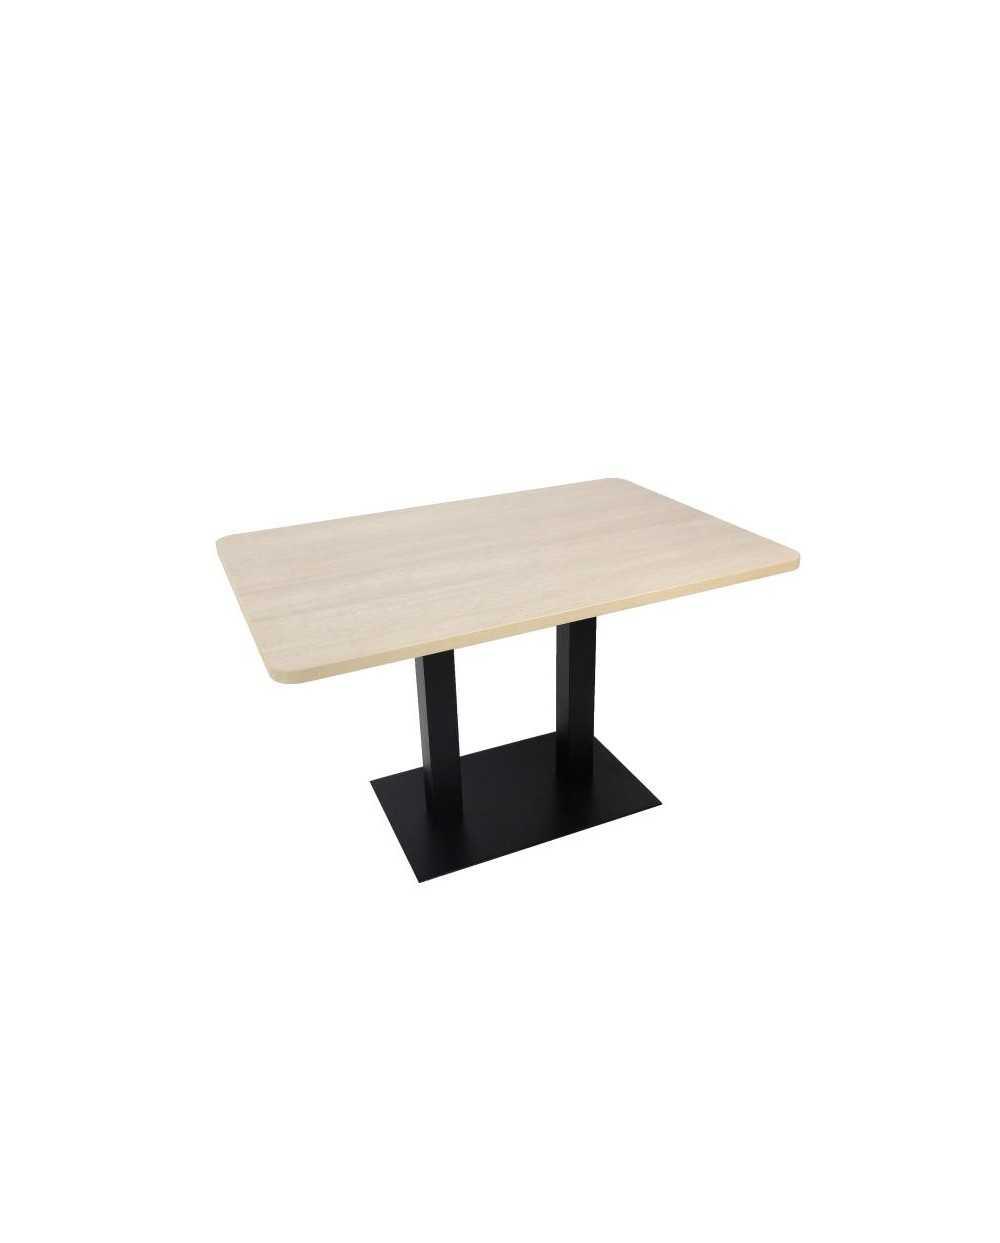 Table rectangulaire avec pied central, avec coins arrondis, chêne grisé.